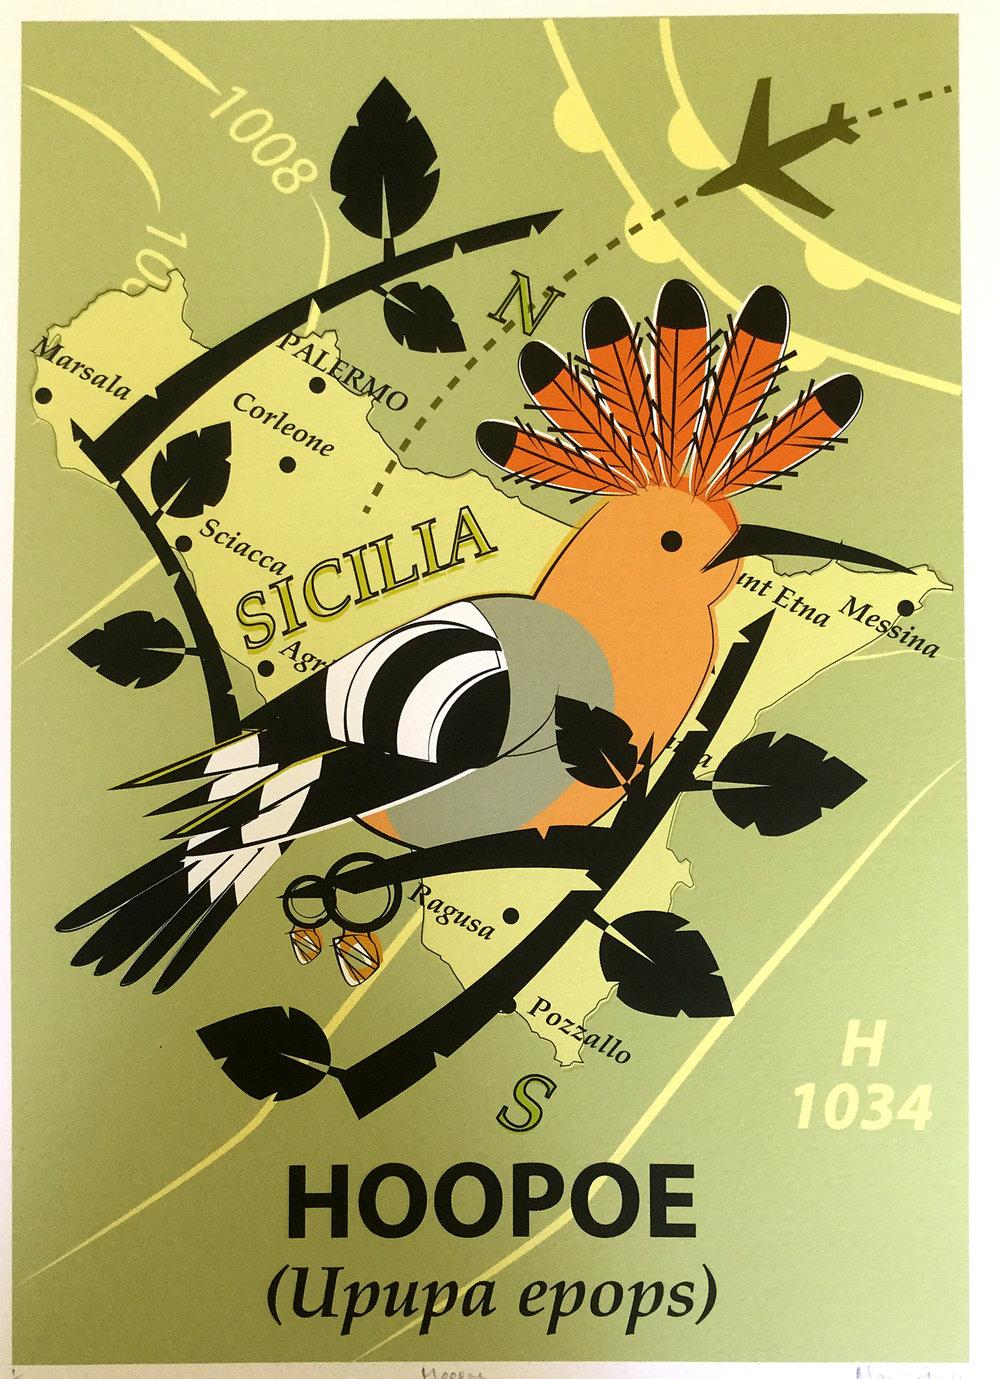 Hoopoe Giclée Print Commission 1/1